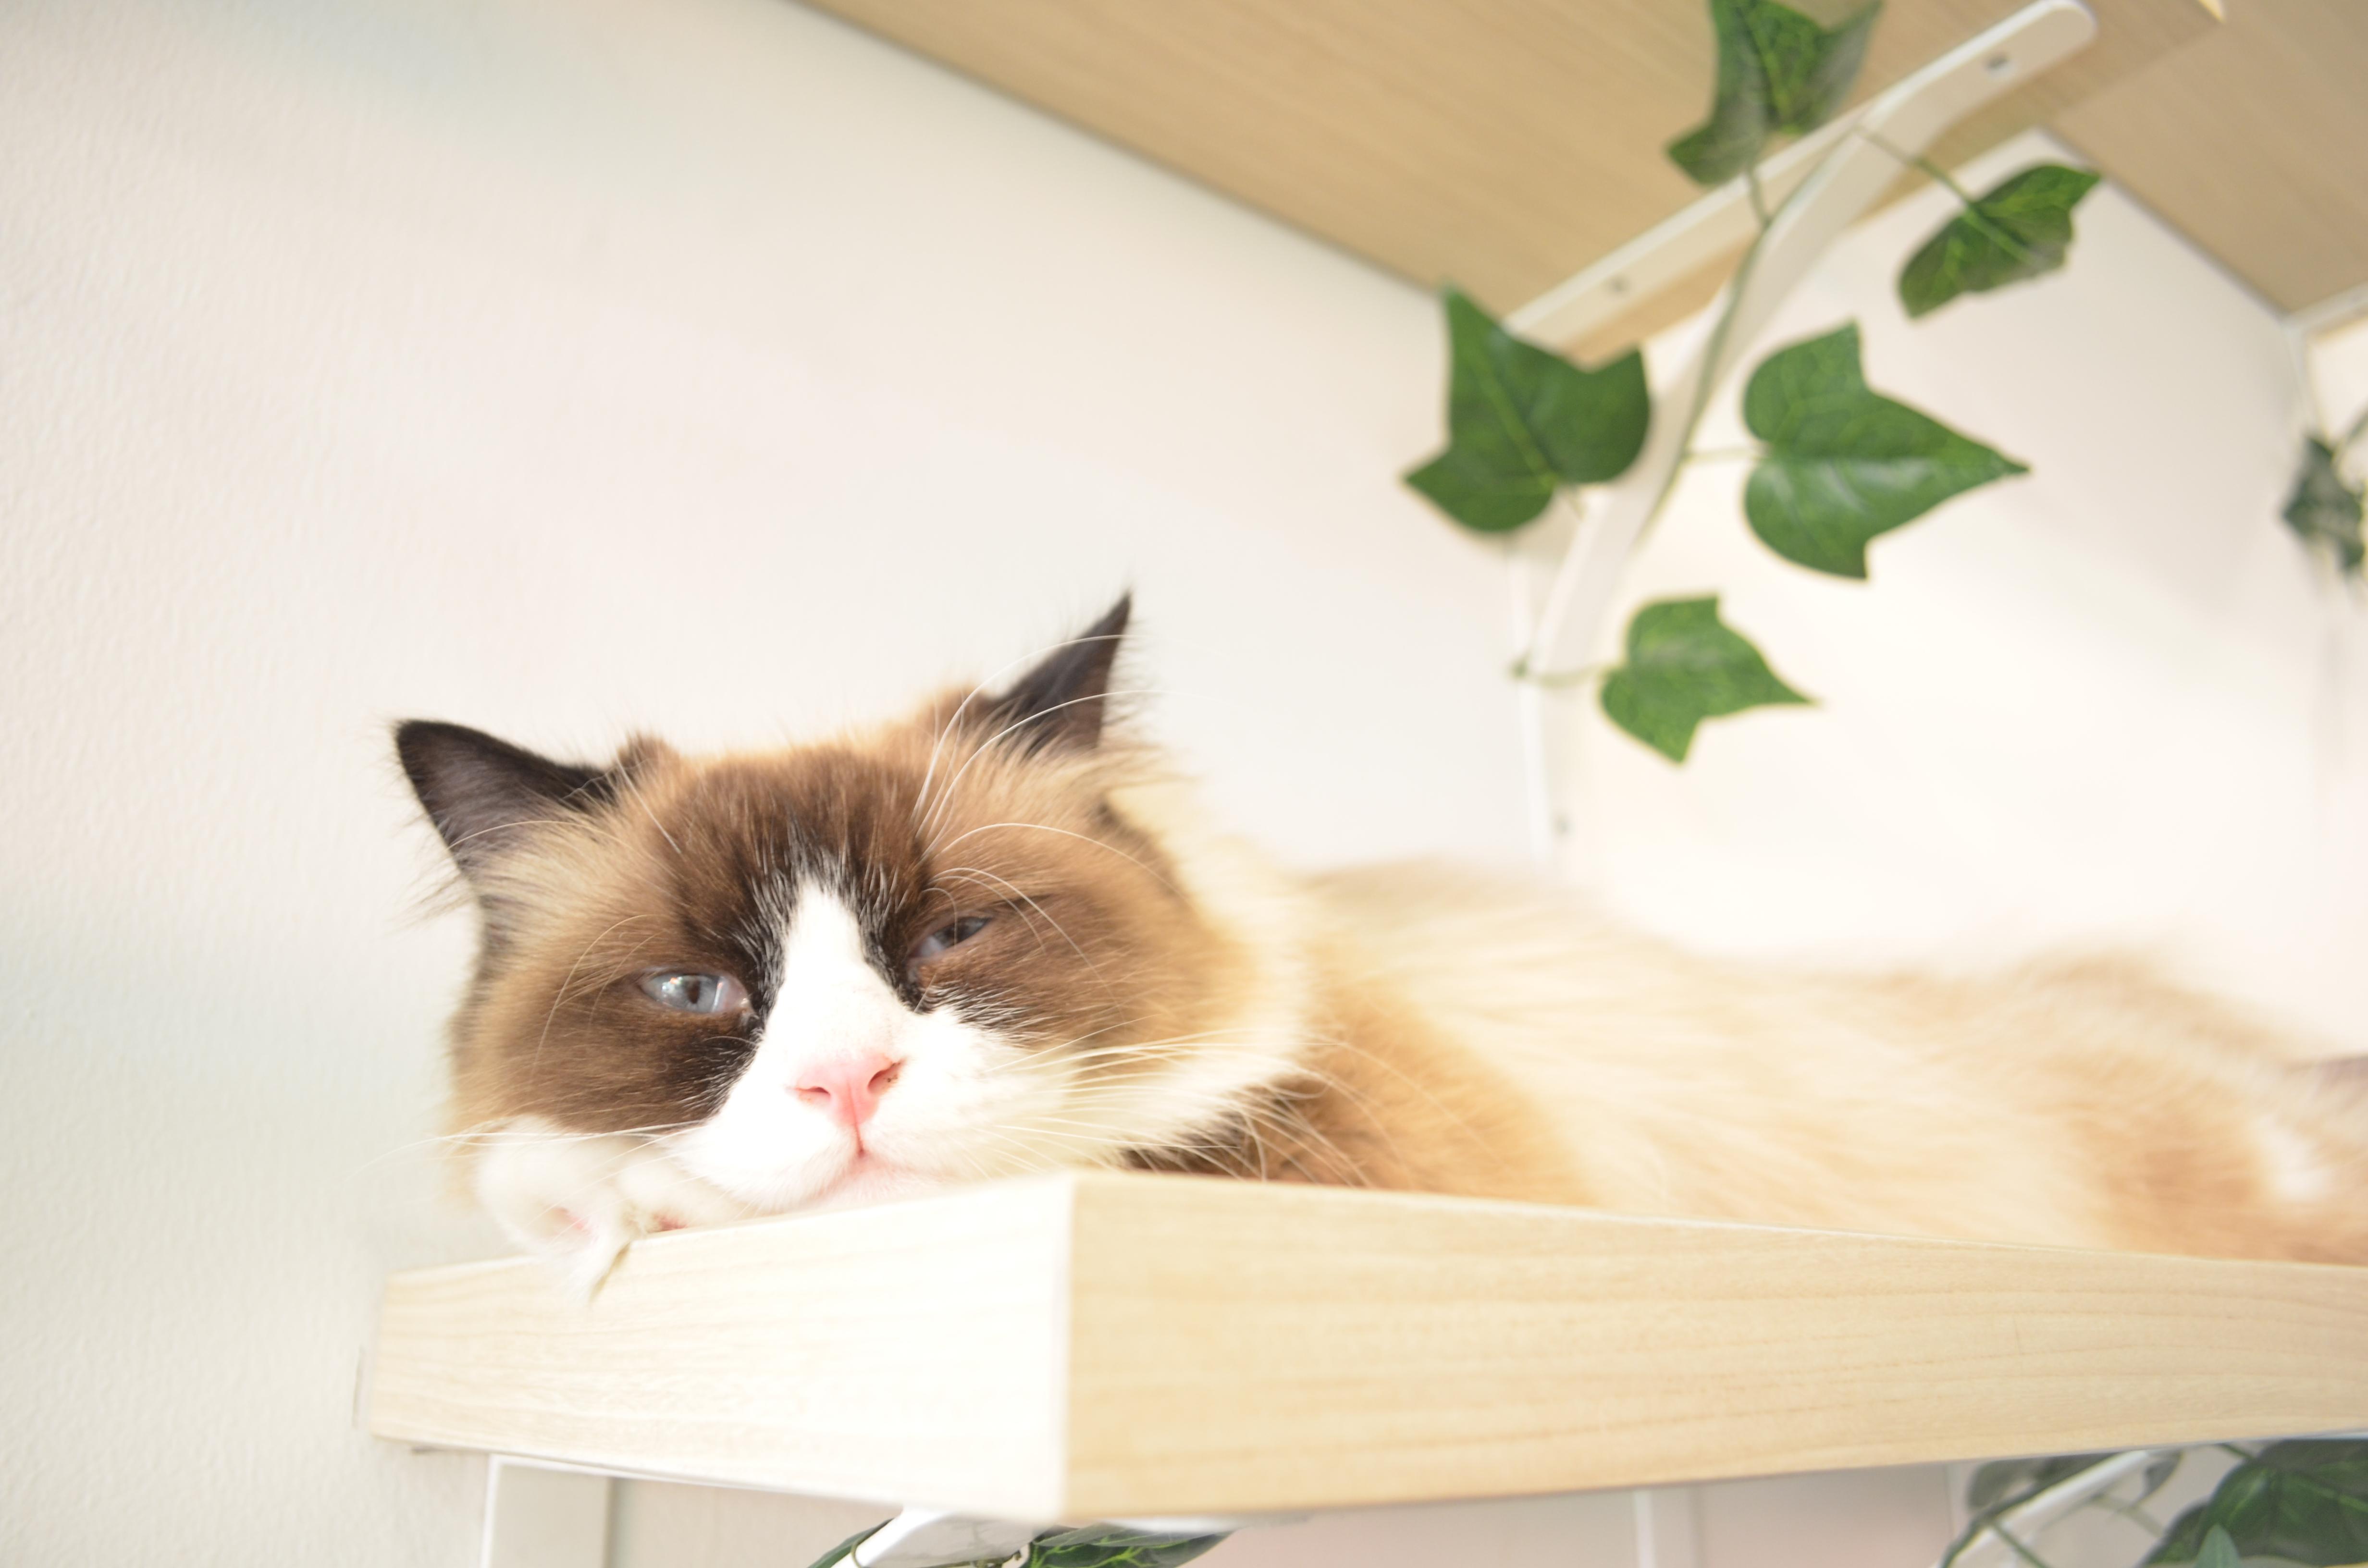 Cutie Cats Cafe Surganya Para Pecinta Kucing 03